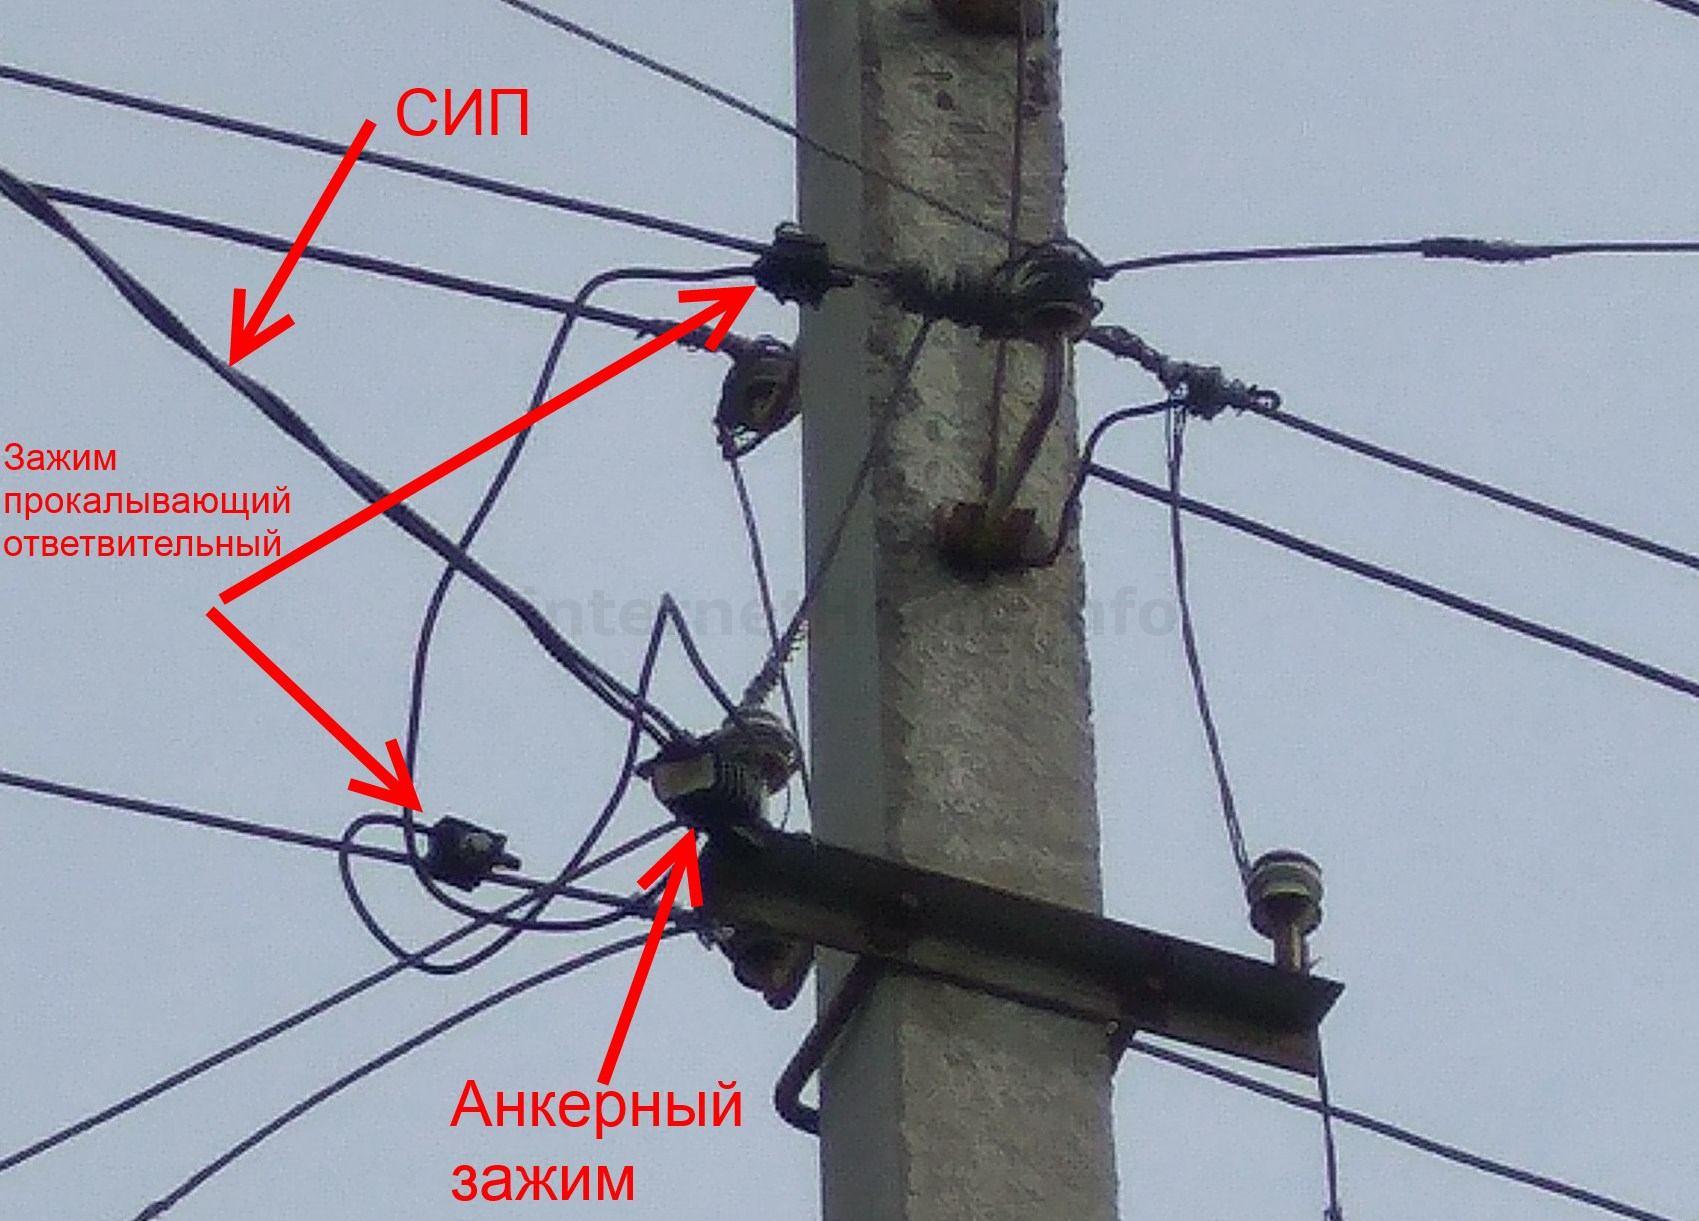 Соединение СИП с медным кабелем, как соединить между собой 54